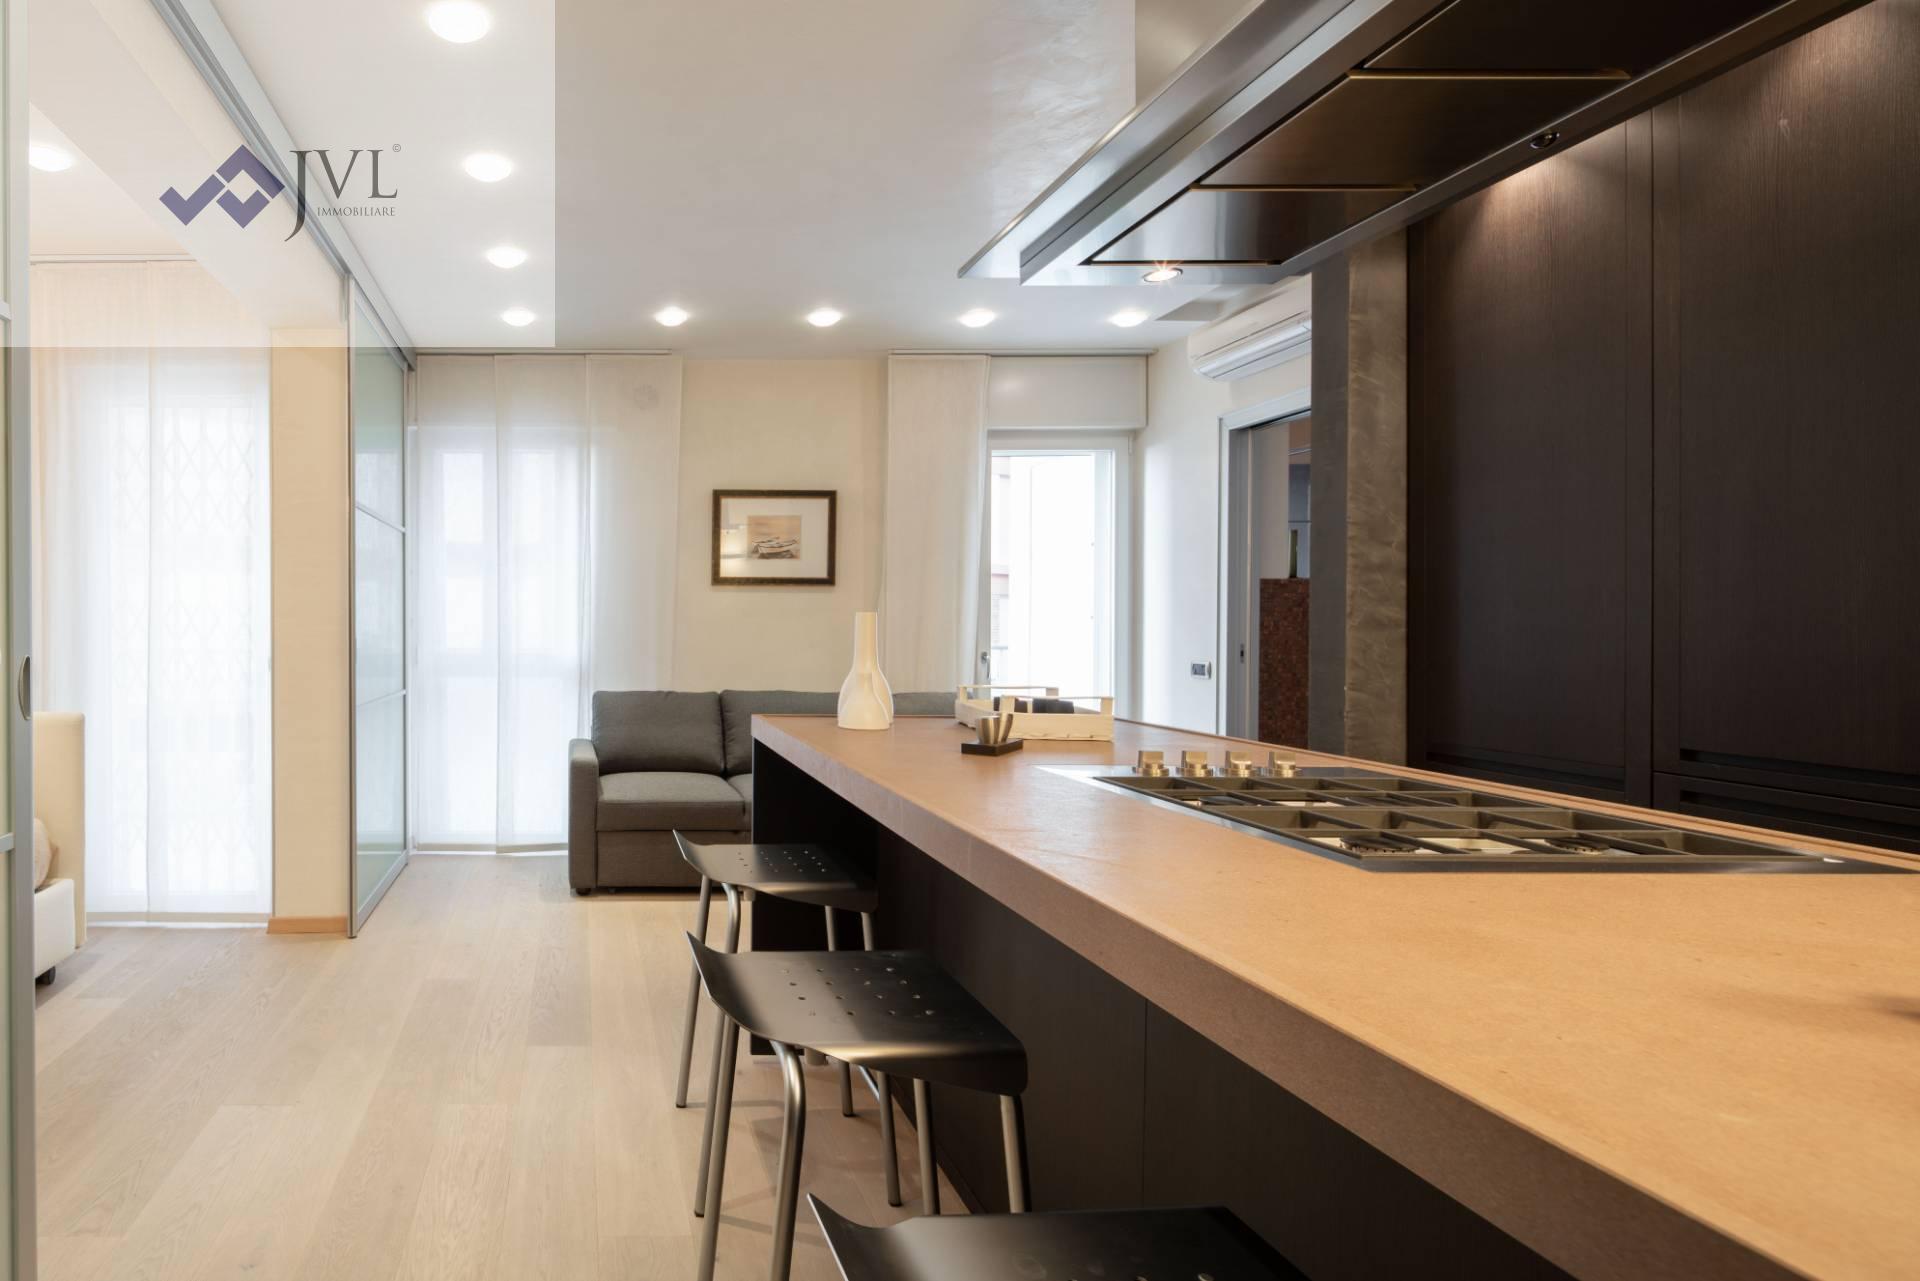 Appartamento in affitto a Jesolo, 1 locali, zona Località: LidodiJesolo, Trattative riservate | CambioCasa.it